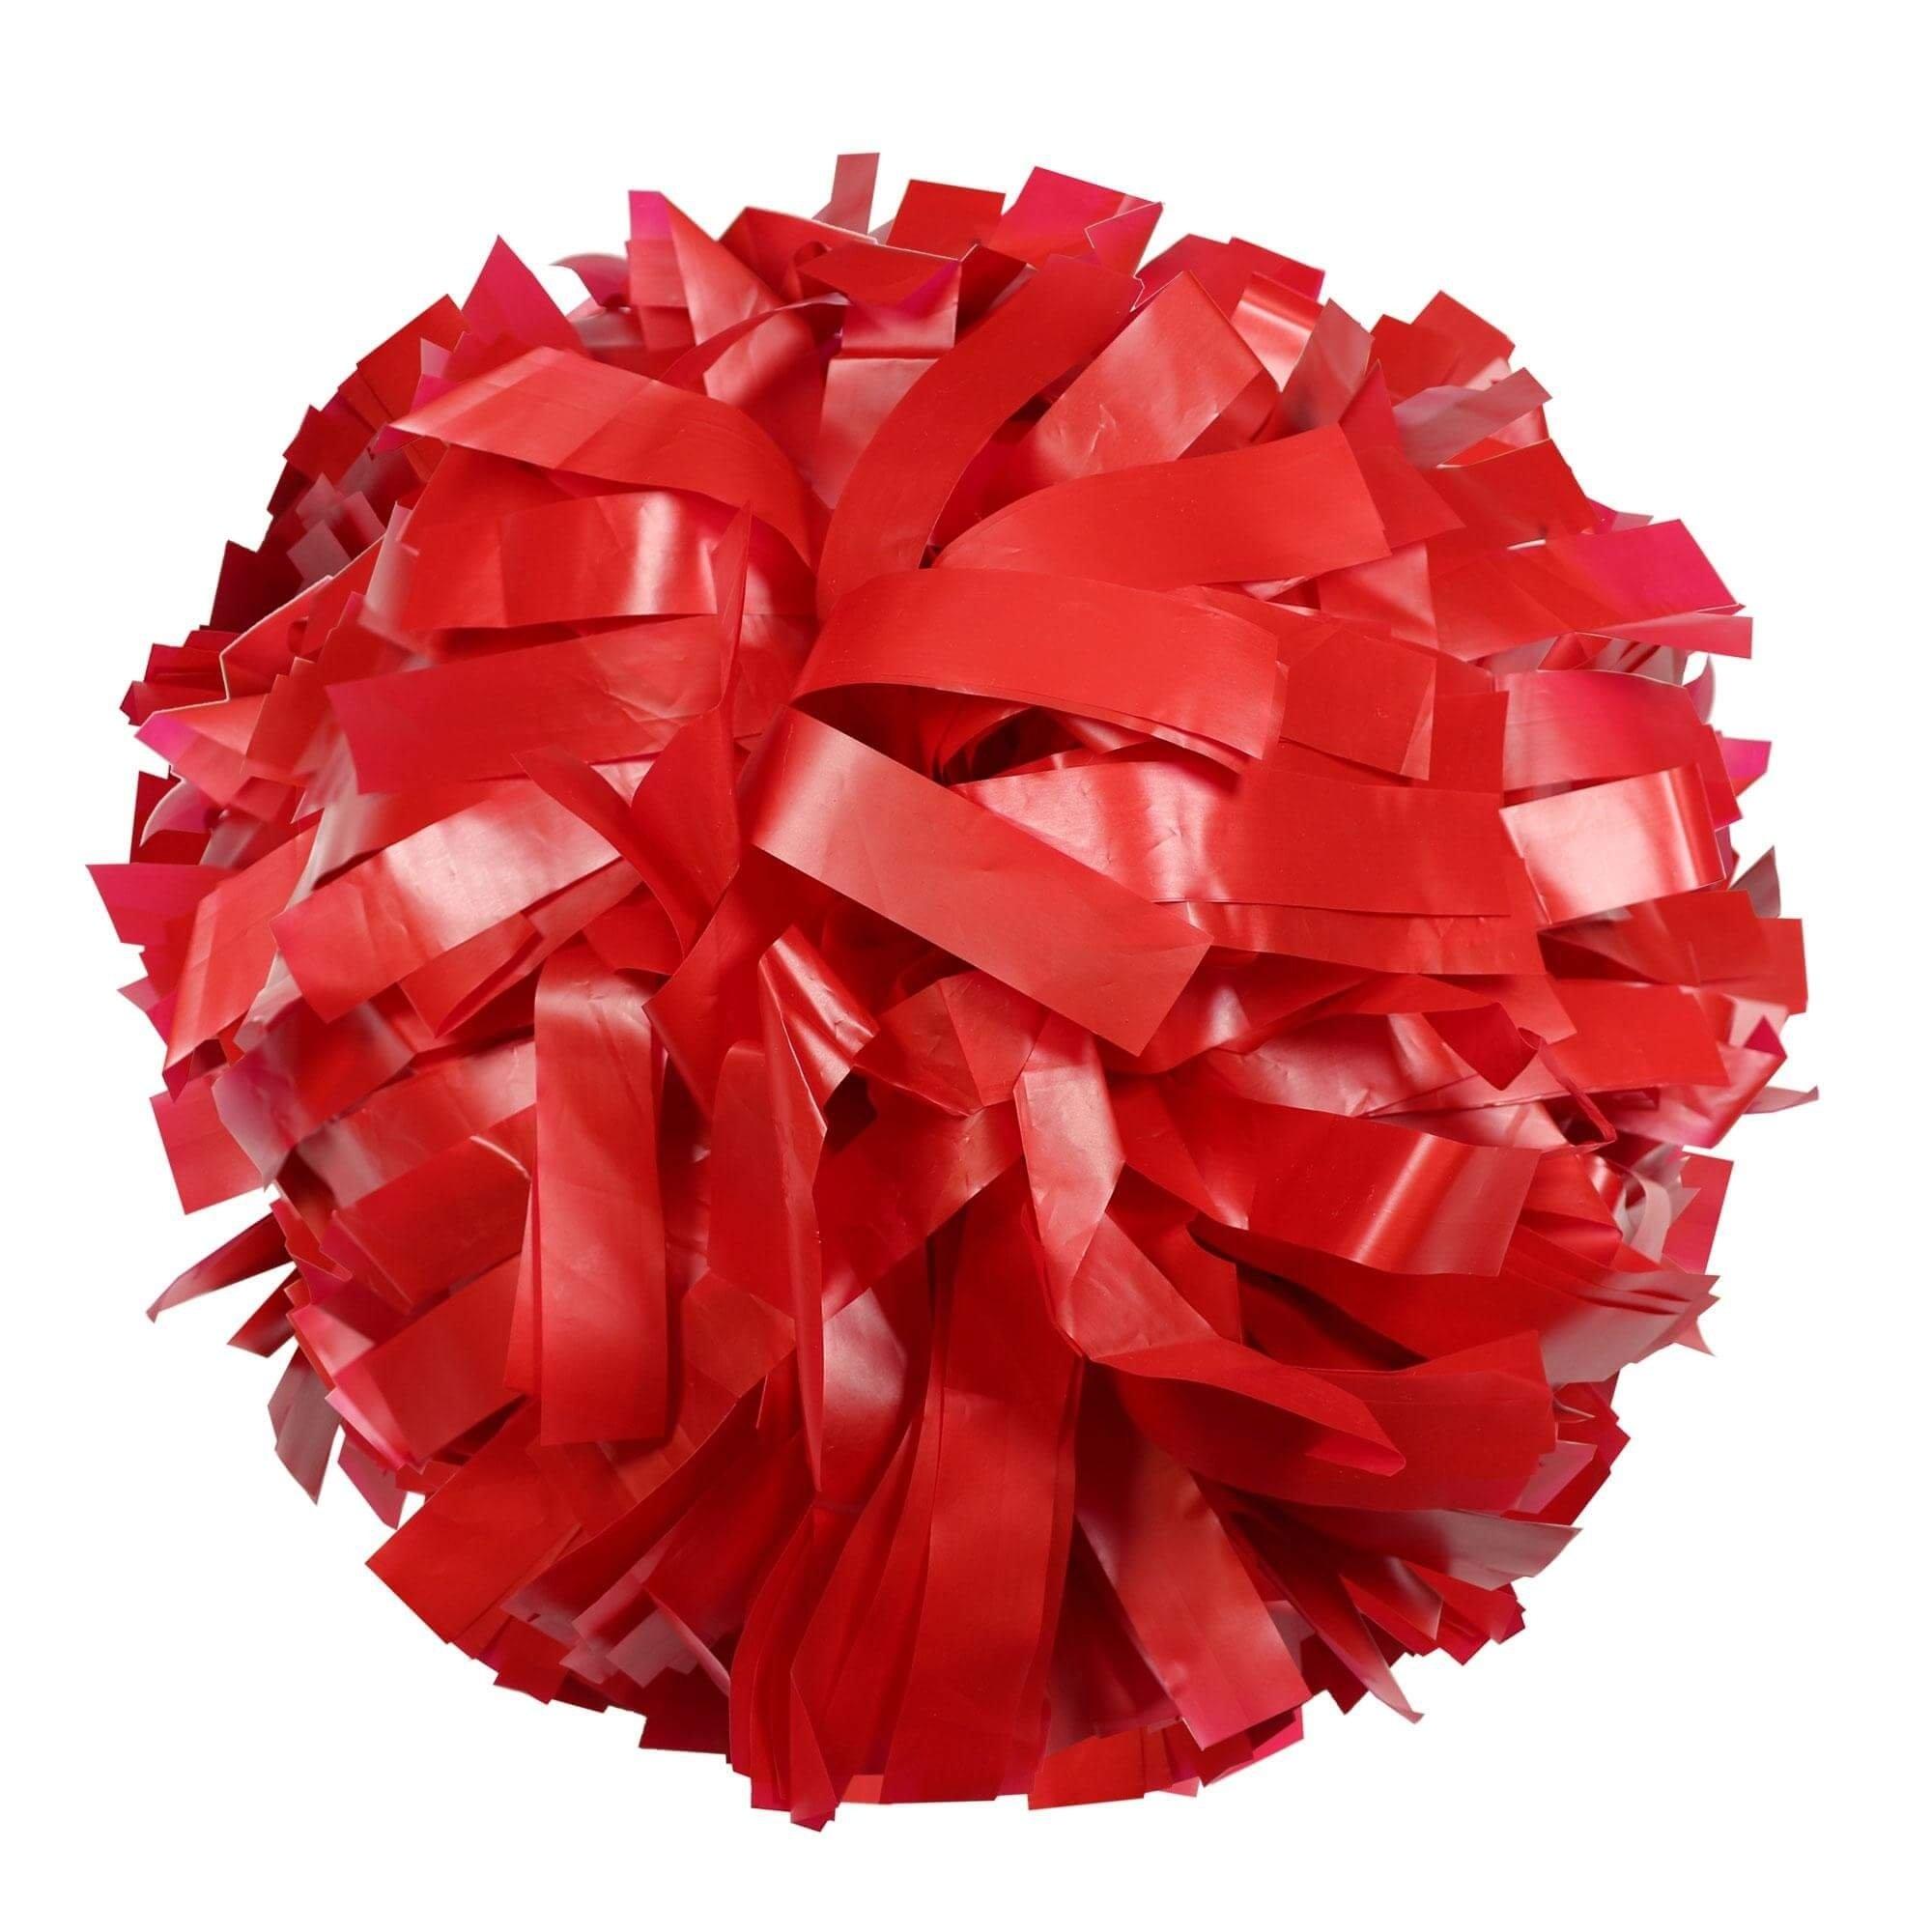 Danzcue Red Plastic Poms